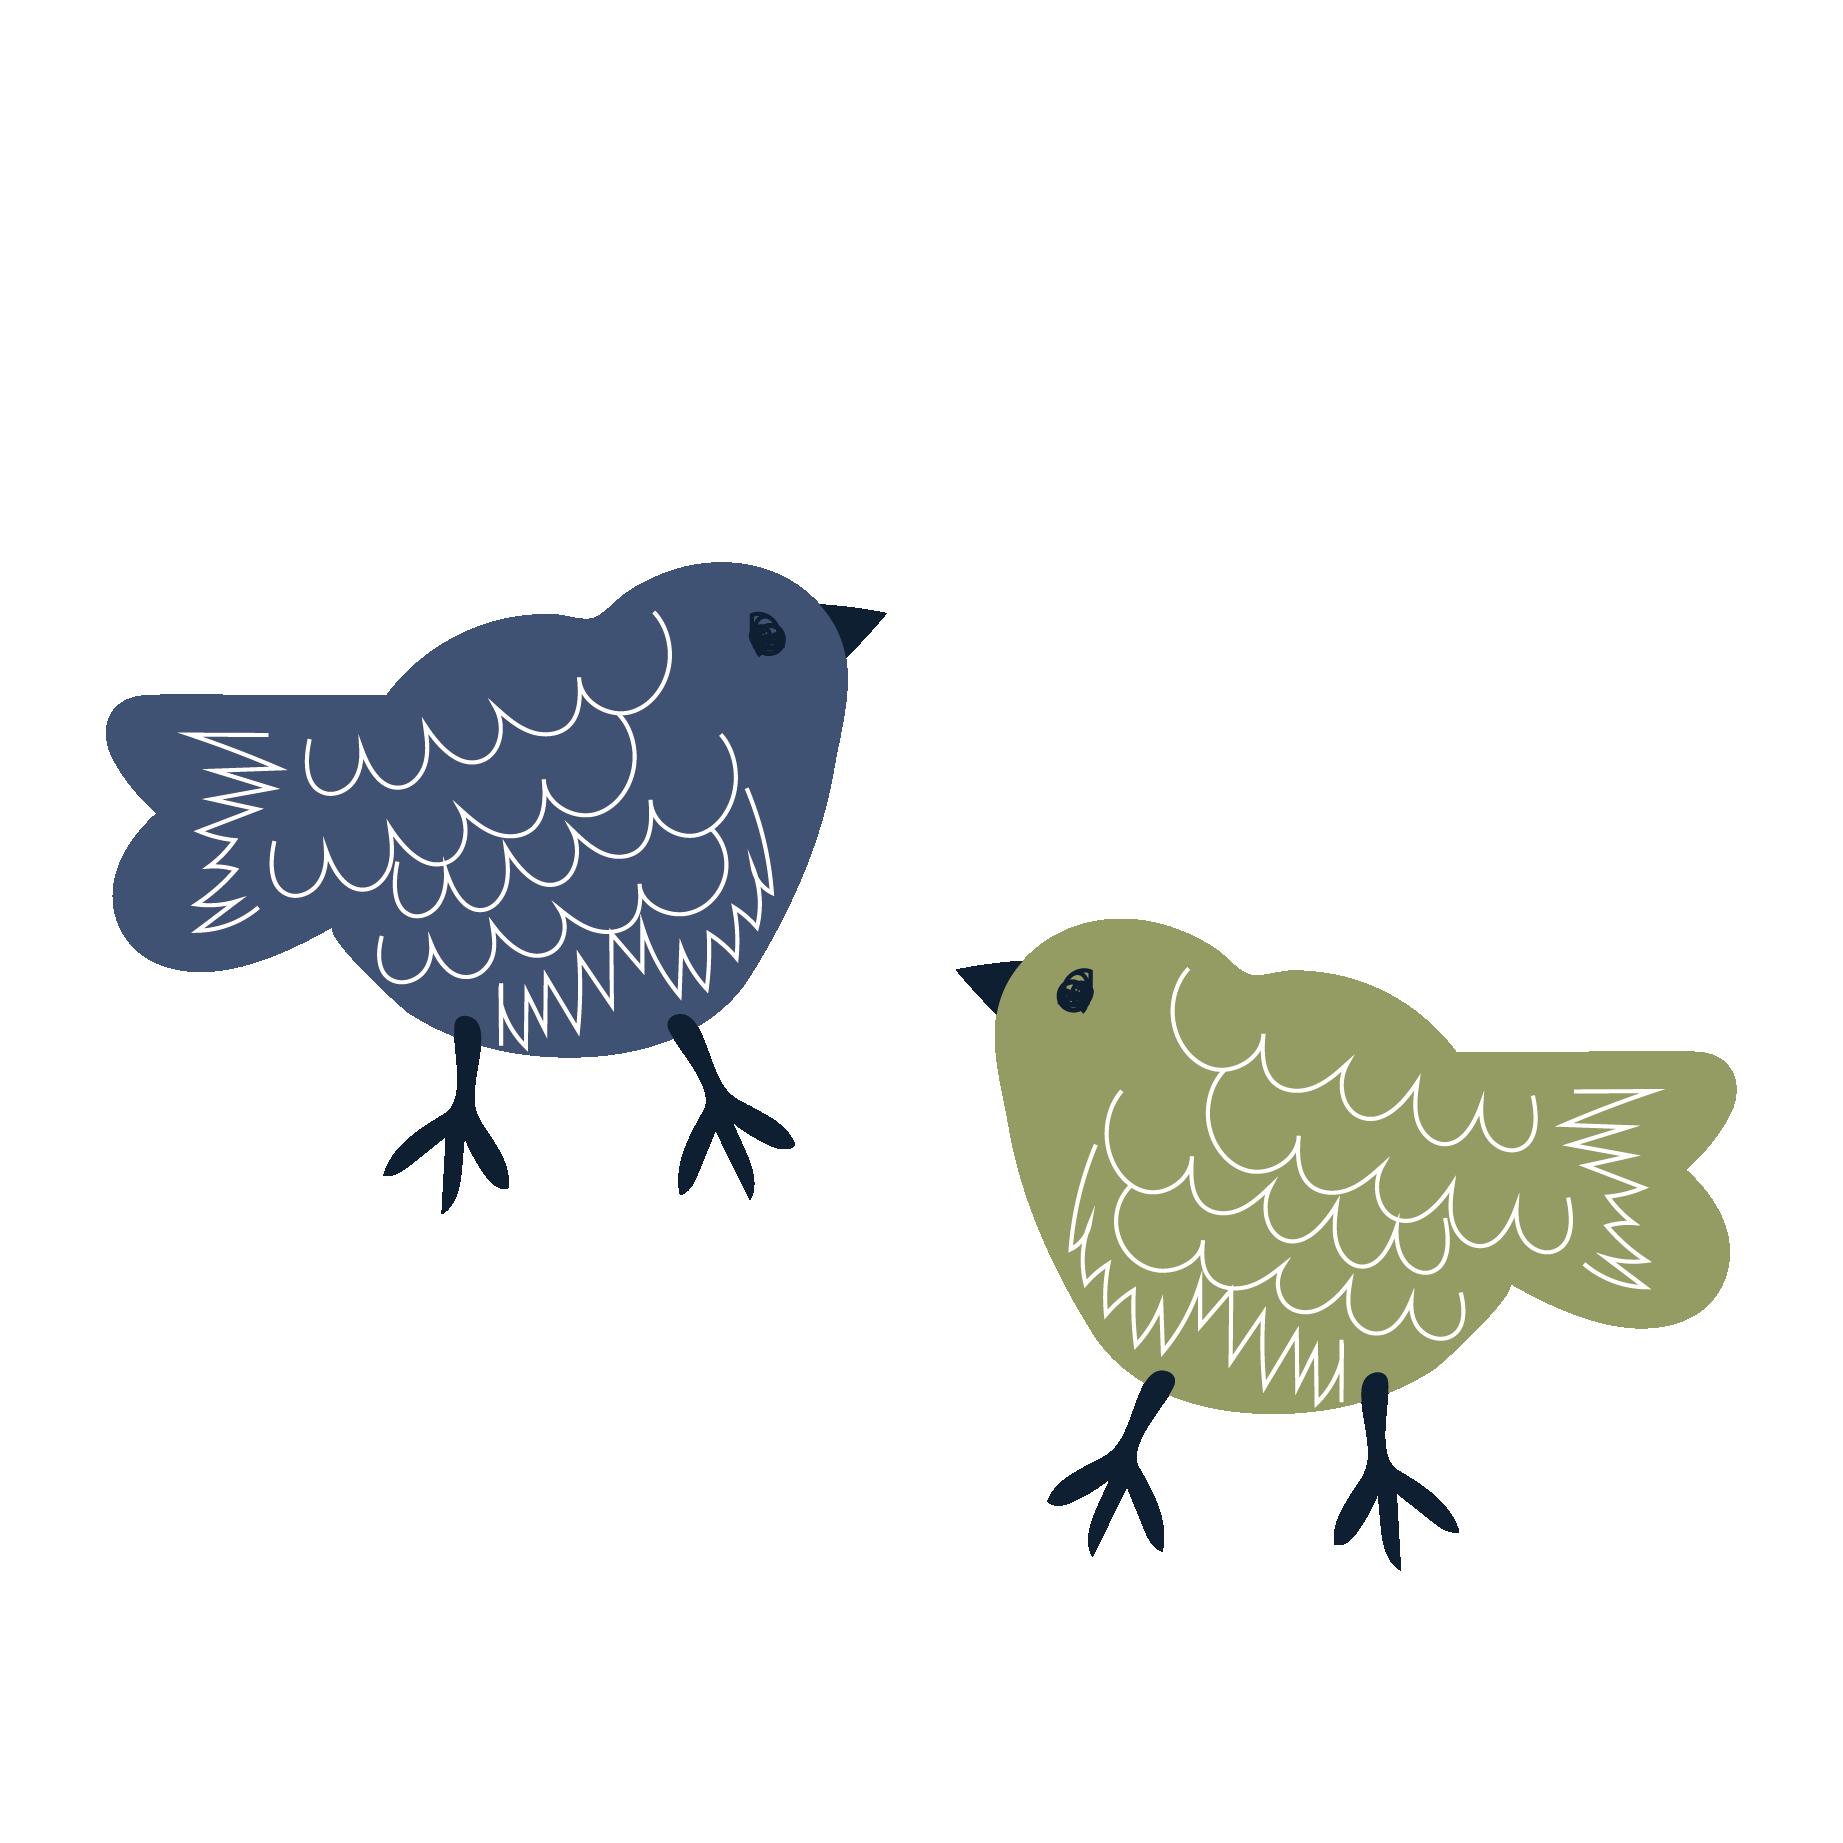 北欧風ちょっとゆるいお鳥とりさんのイラスト酉年年賀状にも